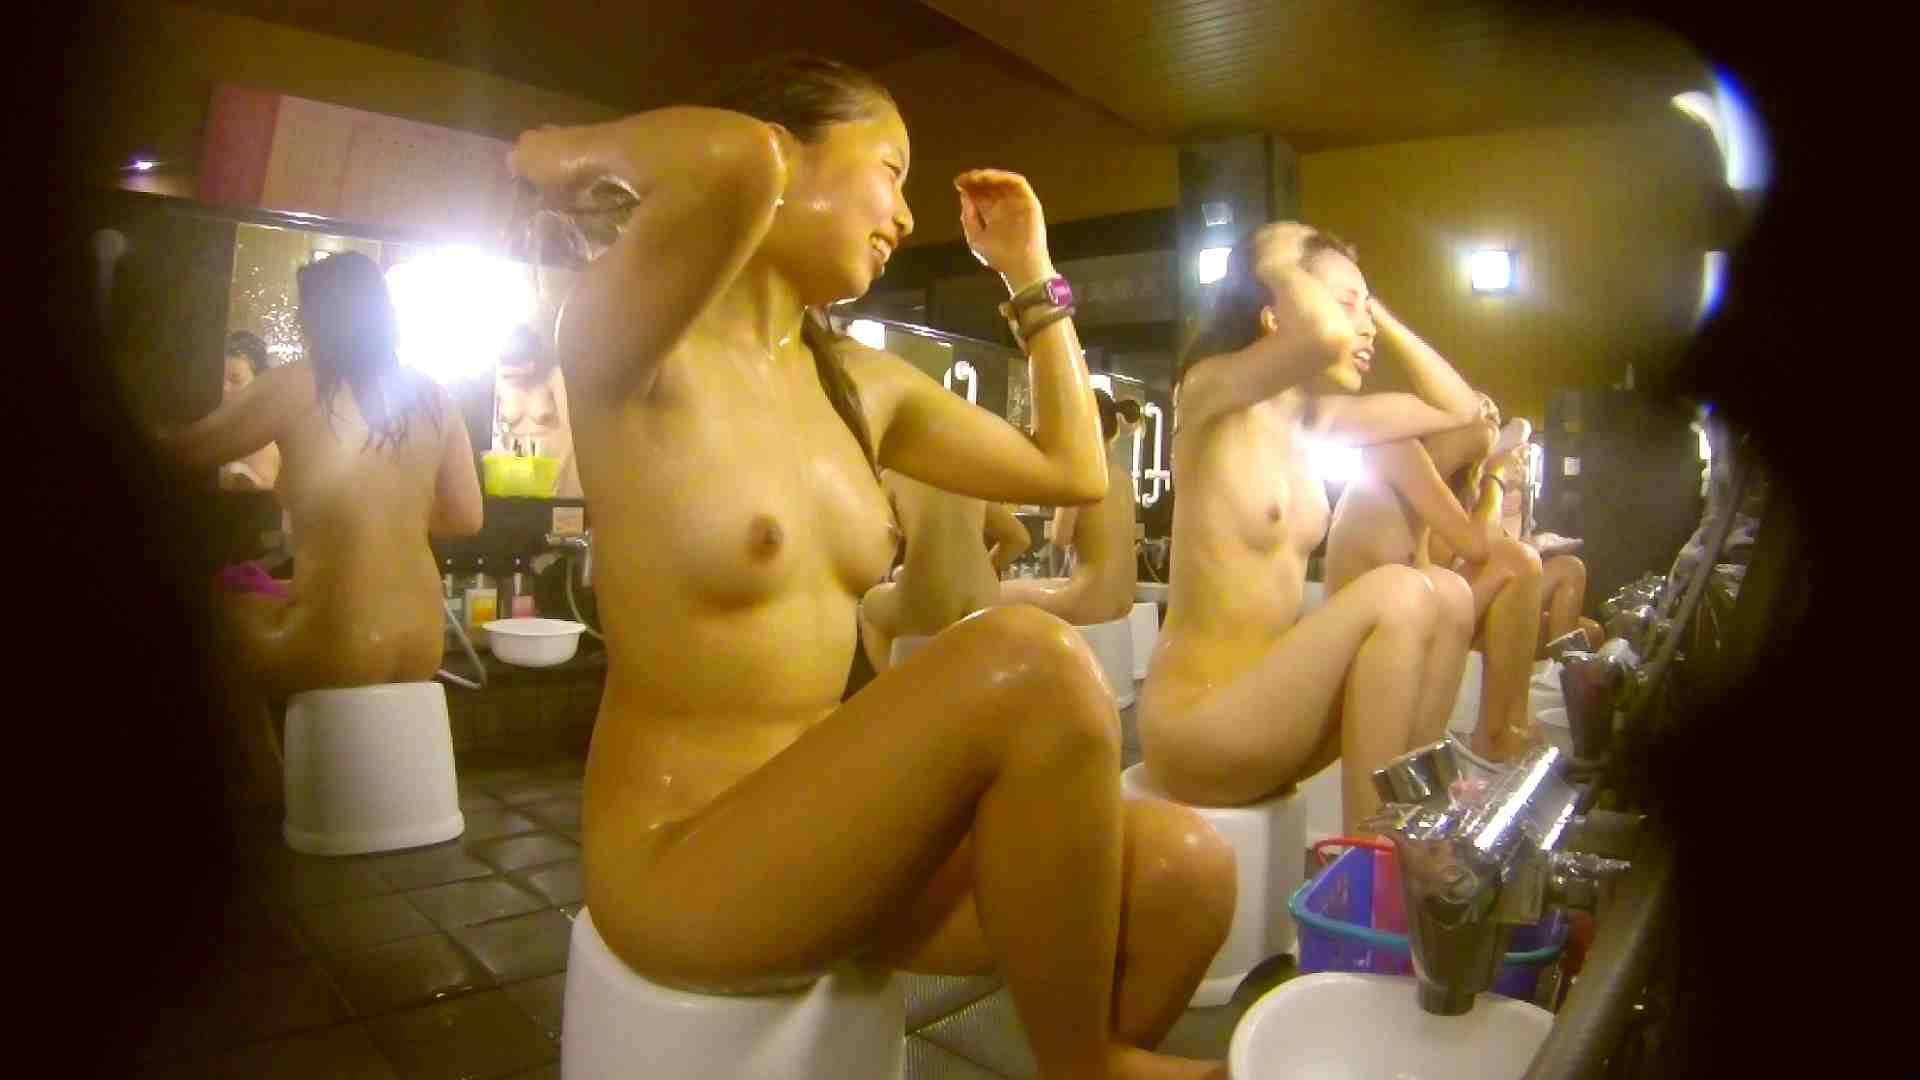 追い撮り!脱衣~洗い場、そして着替え、髪を乾かすまで完全追跡。 着替え セックス無修正動画無料 108枚